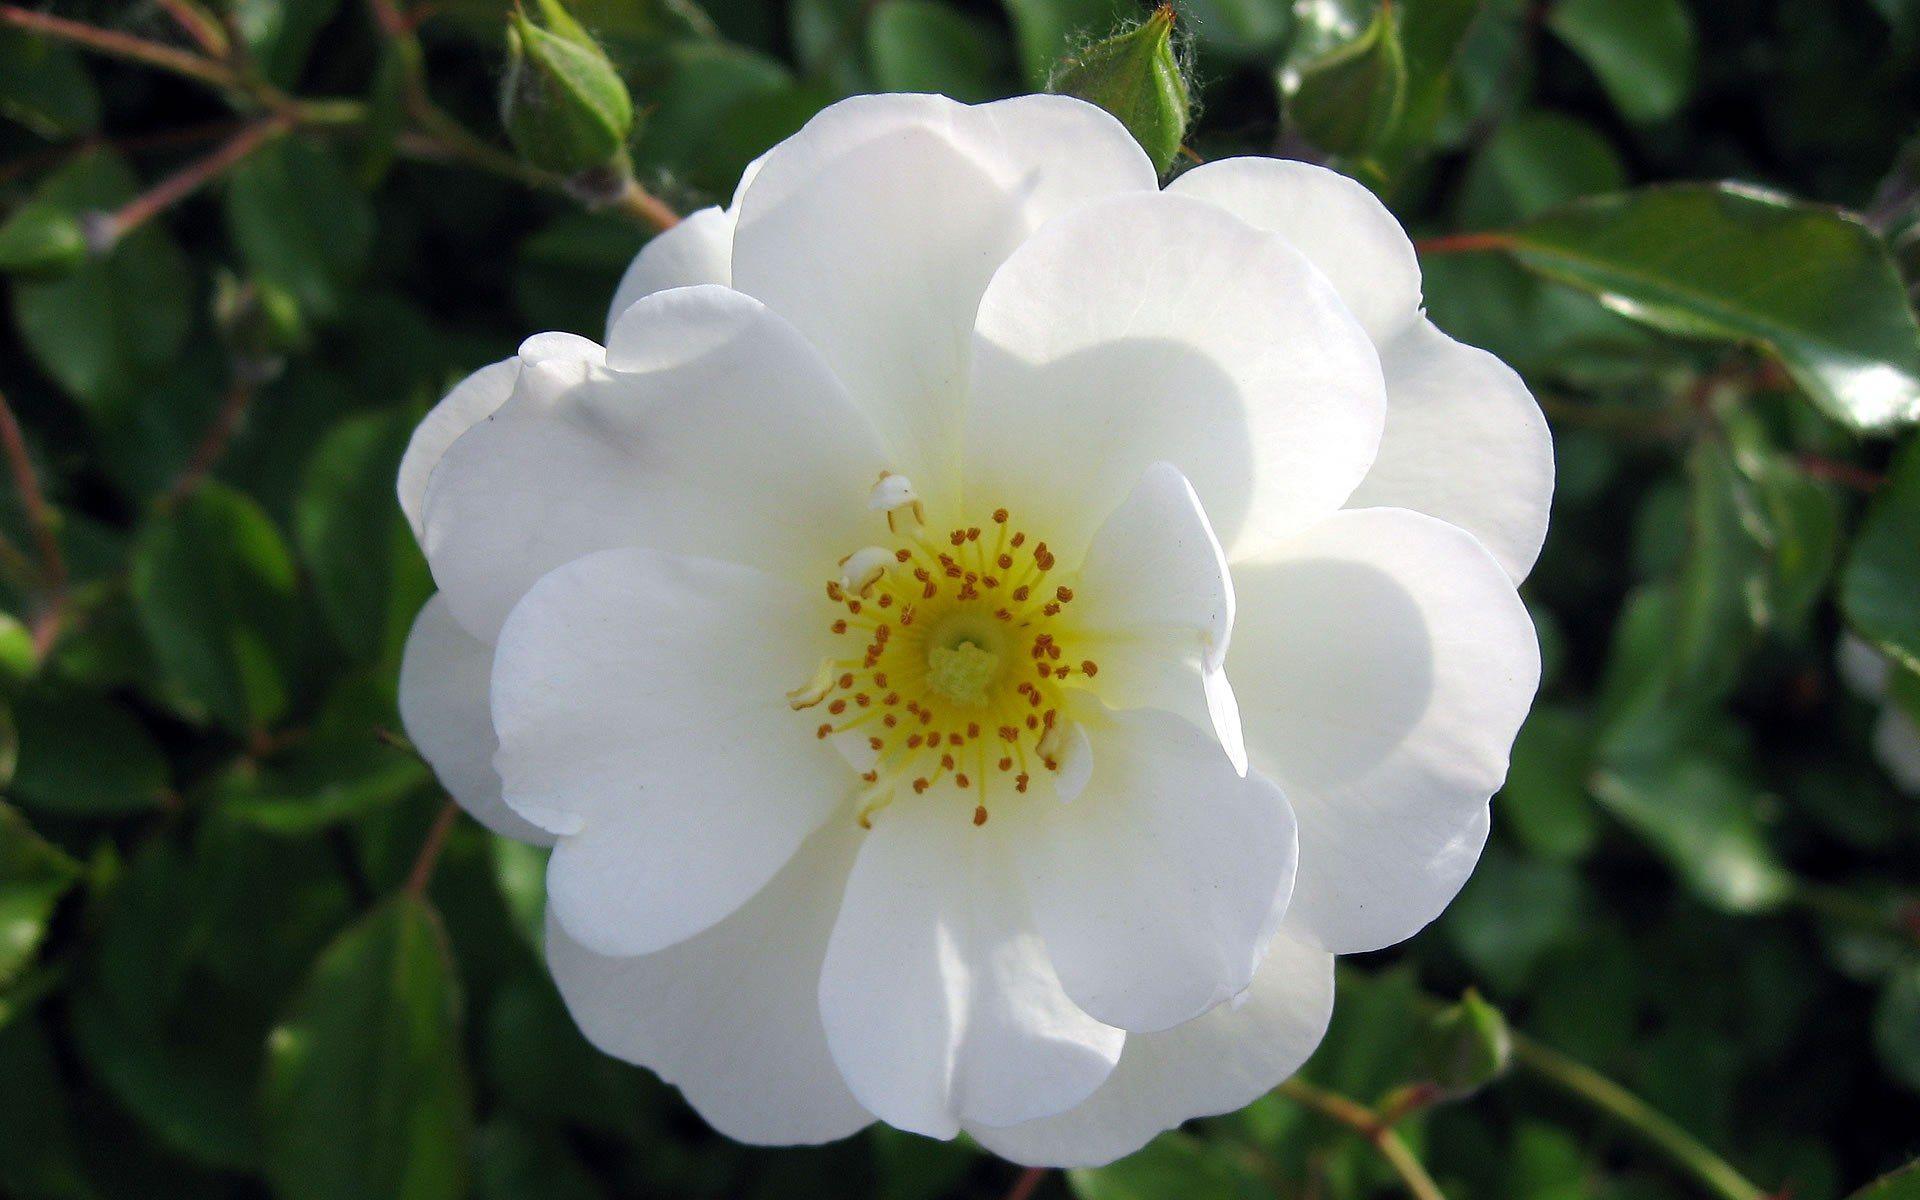 صور ورود بيضاء في غاية الروعة والجمال White Rose Flower Rose Flower Wallpaper Types Of White Flowers